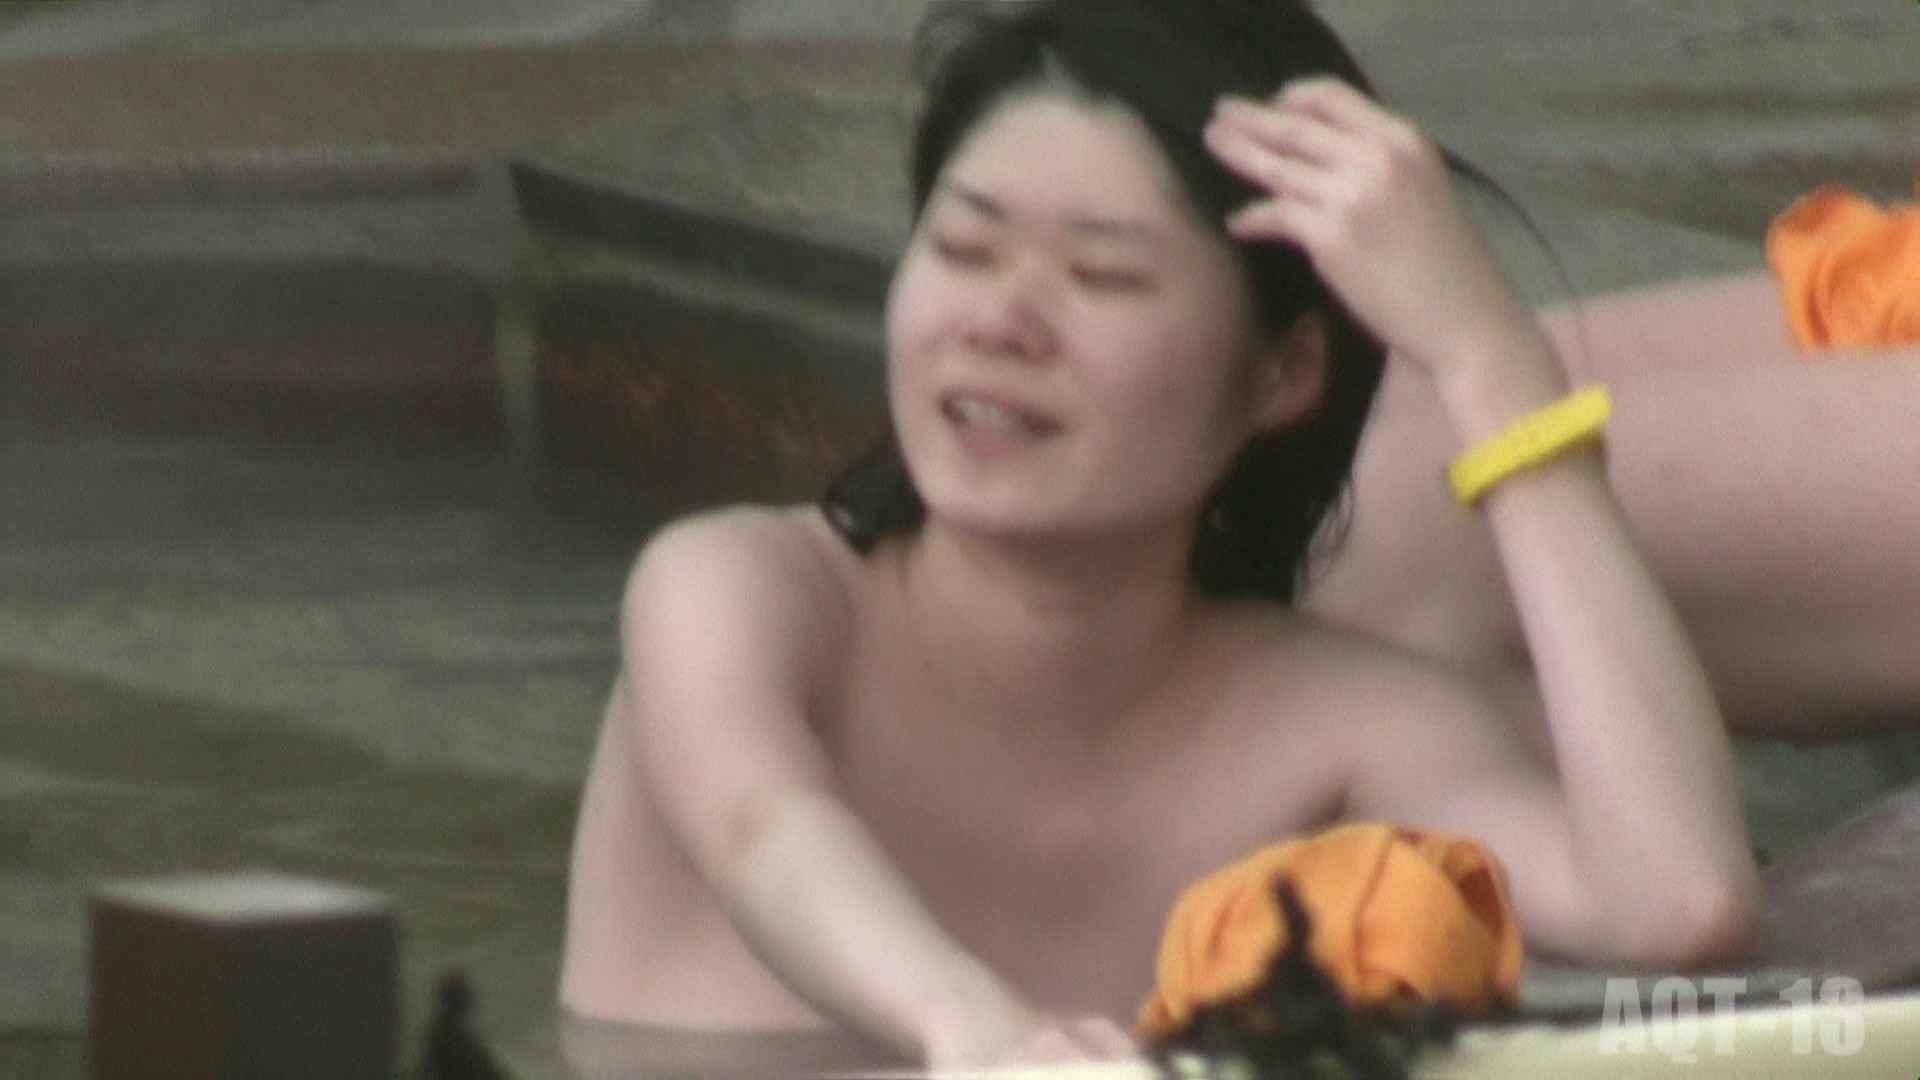 Aquaな露天風呂Vol.813 OLエロ画像  113PICs 99